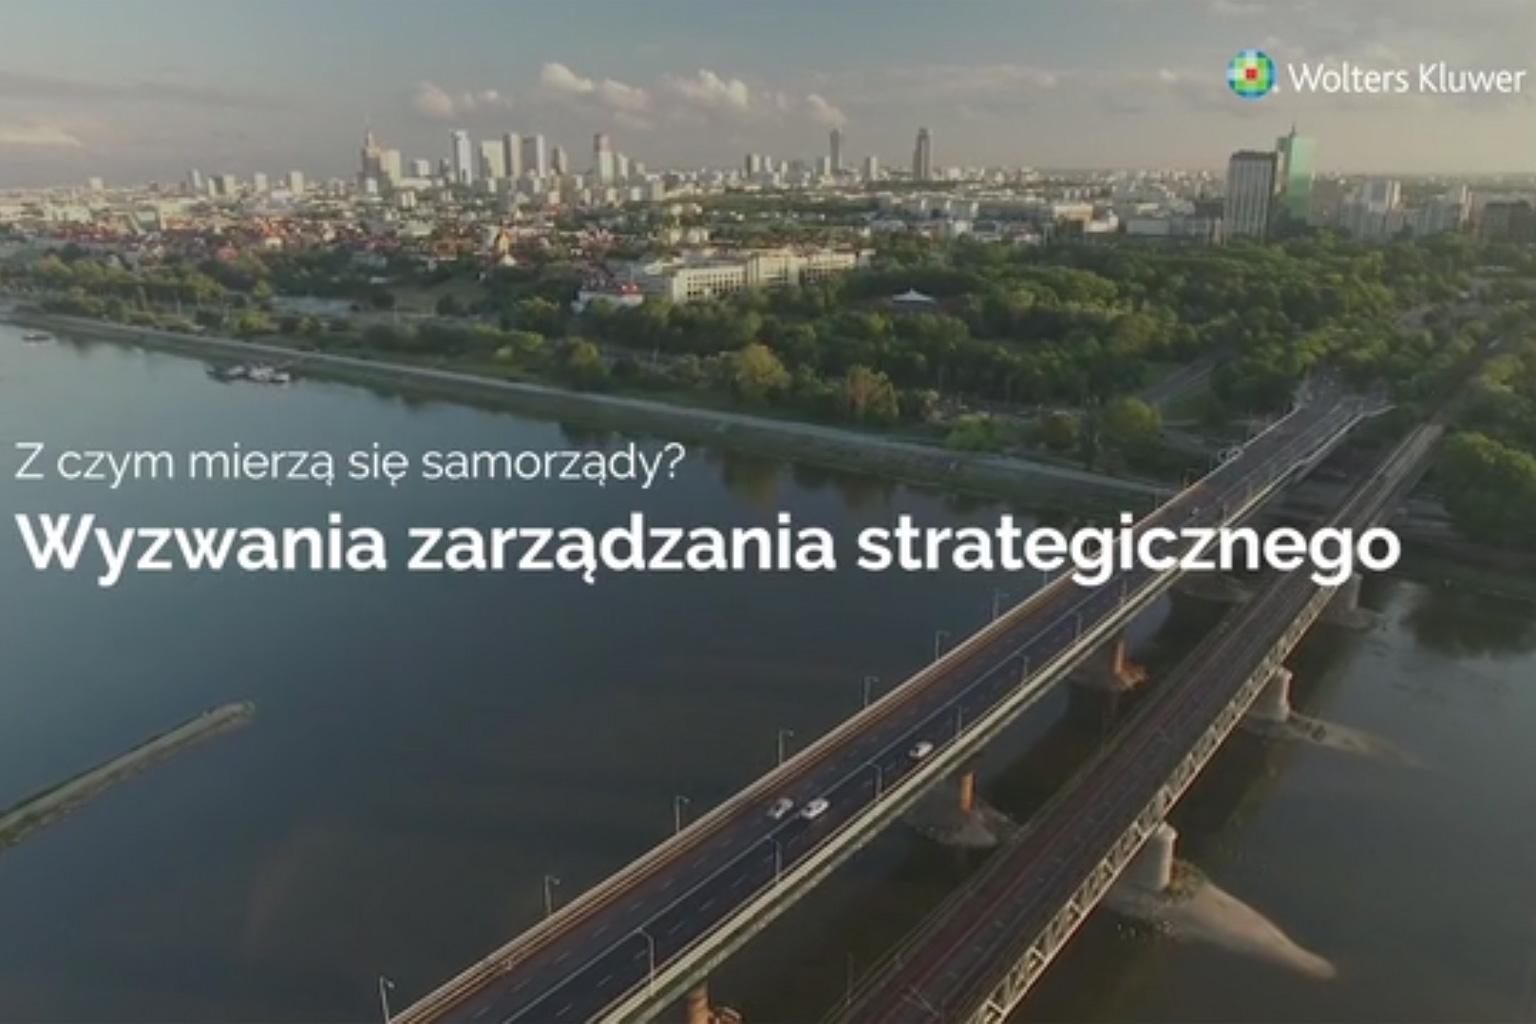 Wyzwania zarządzania strategicznego - LEX Kontrola Zatrządcza